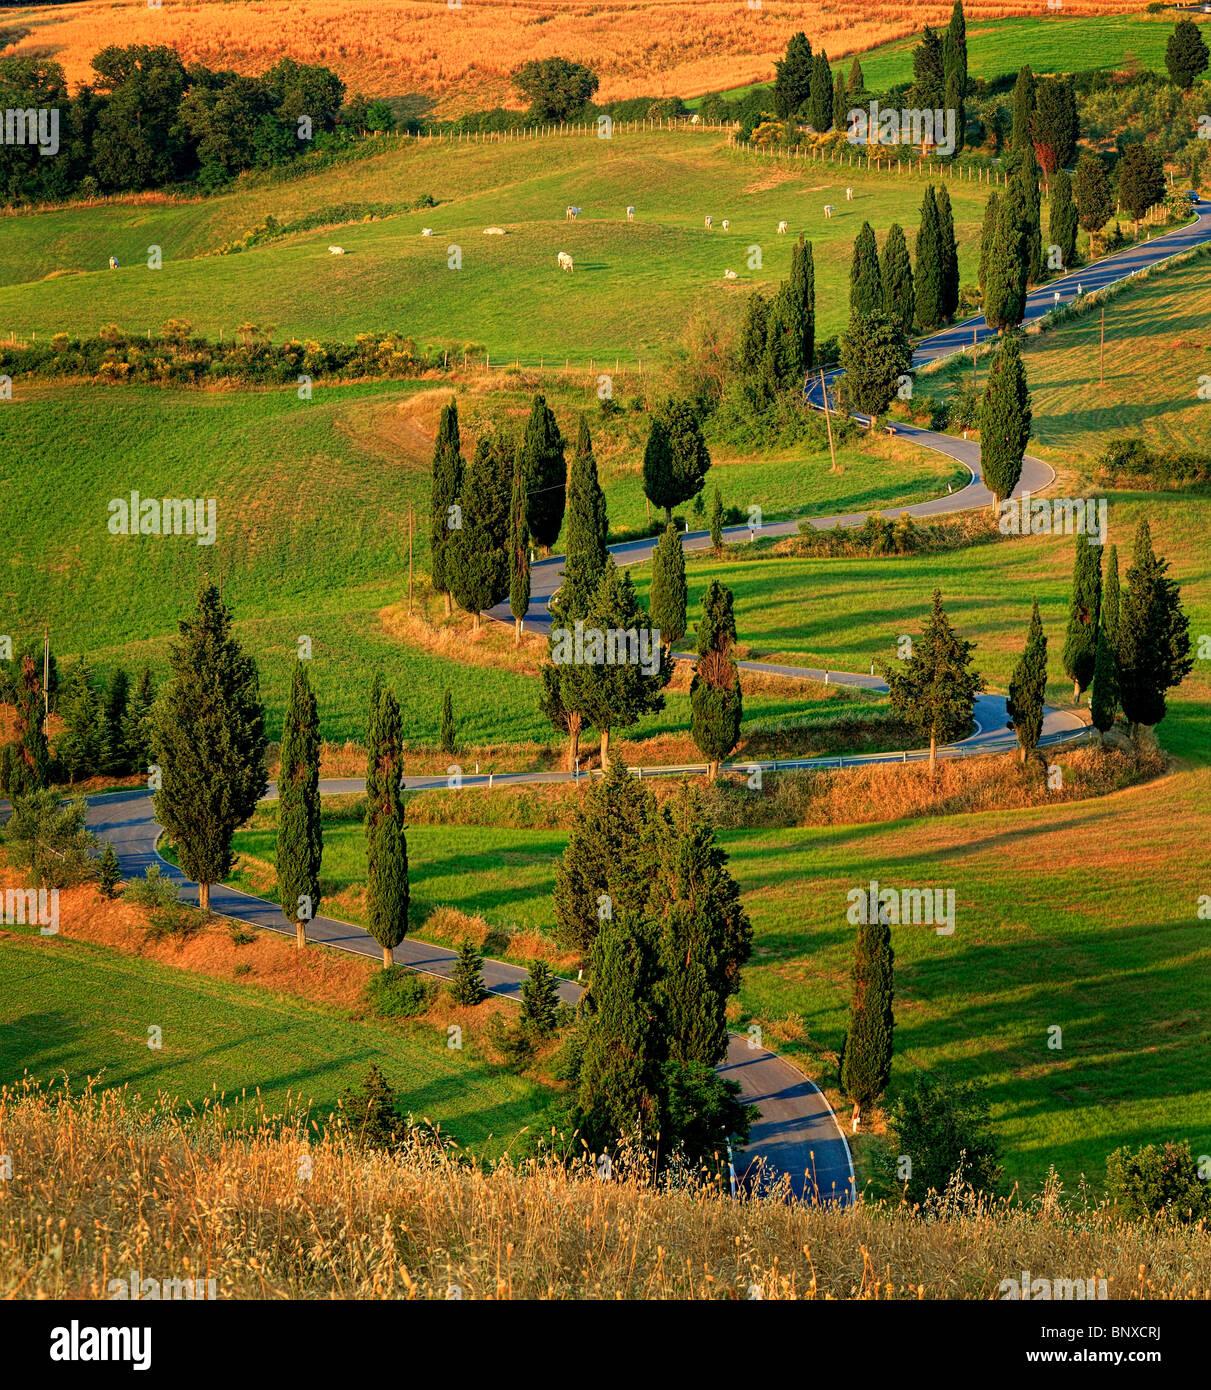 Kurvenreiche Landstraße in der Nähe der toskanischen Stadt Italiens Monticchiello Stockbild